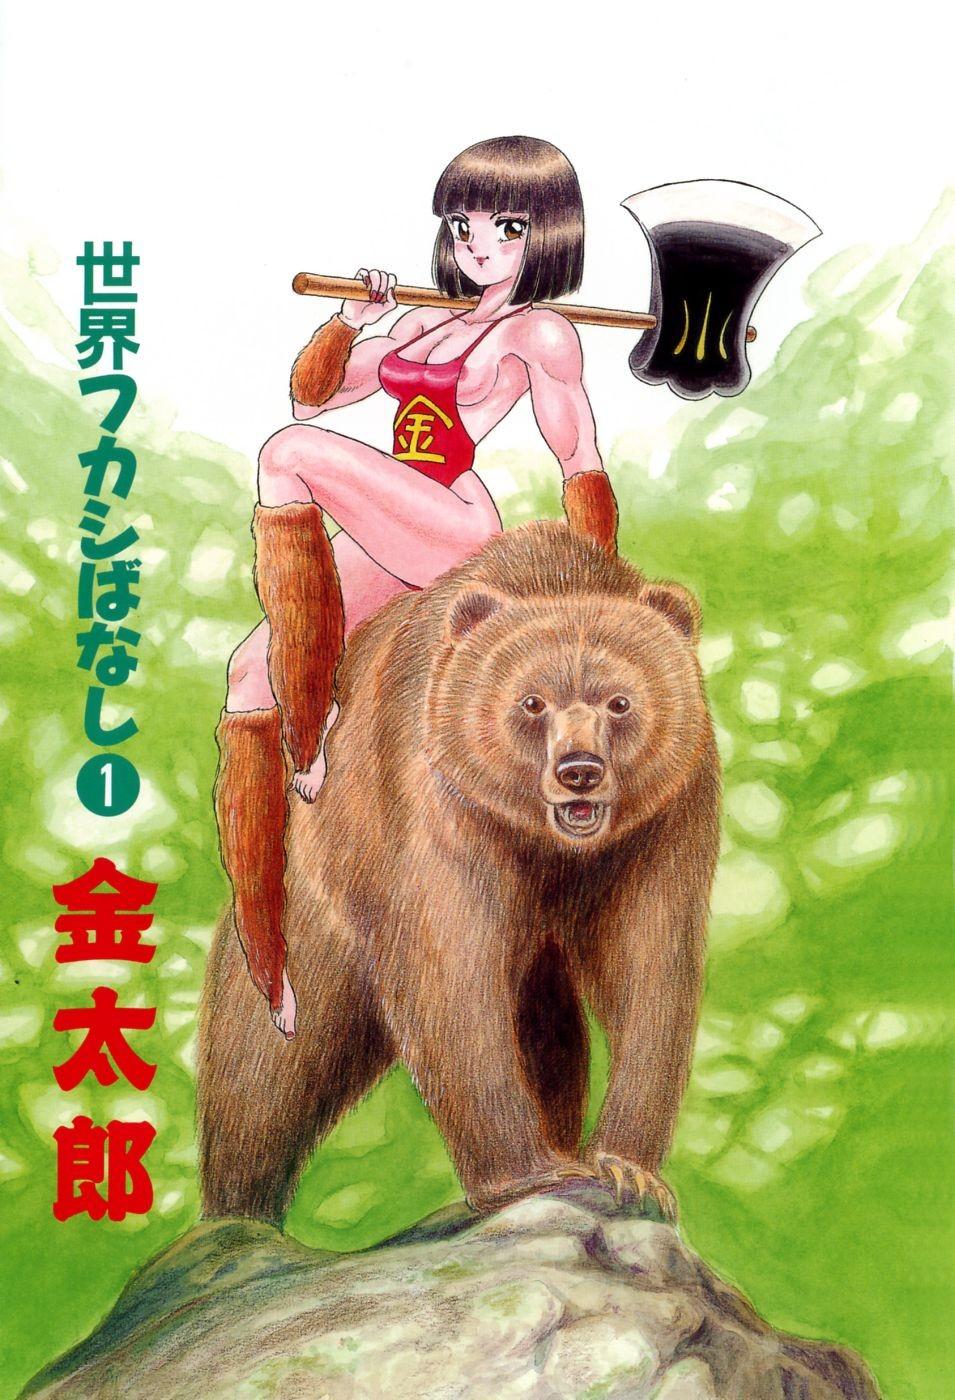 HentaiVN.net - Ảnh 2 - Kintarou - Hontou wa Eroi Otogibanashi - Oneshot